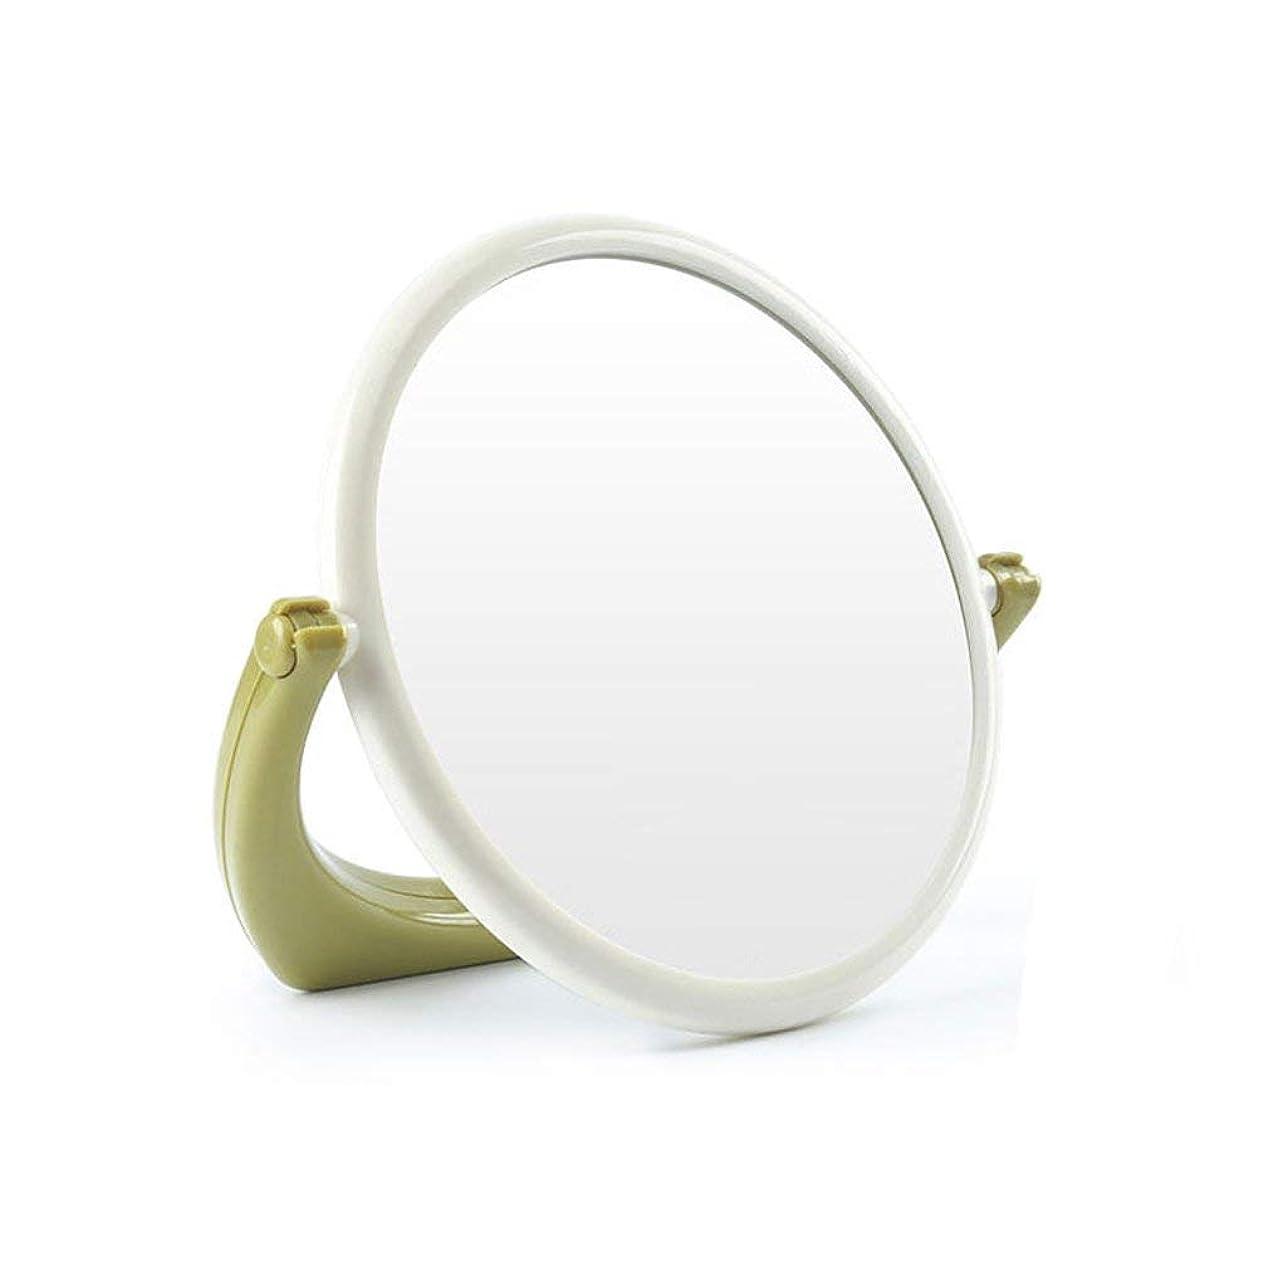 優しいサーバなんでも化粧鏡円形両面シンプルでスタイリッシュなリビングルームバスルームデスクトップバニティミラー学生寮ルームミラートラベルポータブル(色:緑)